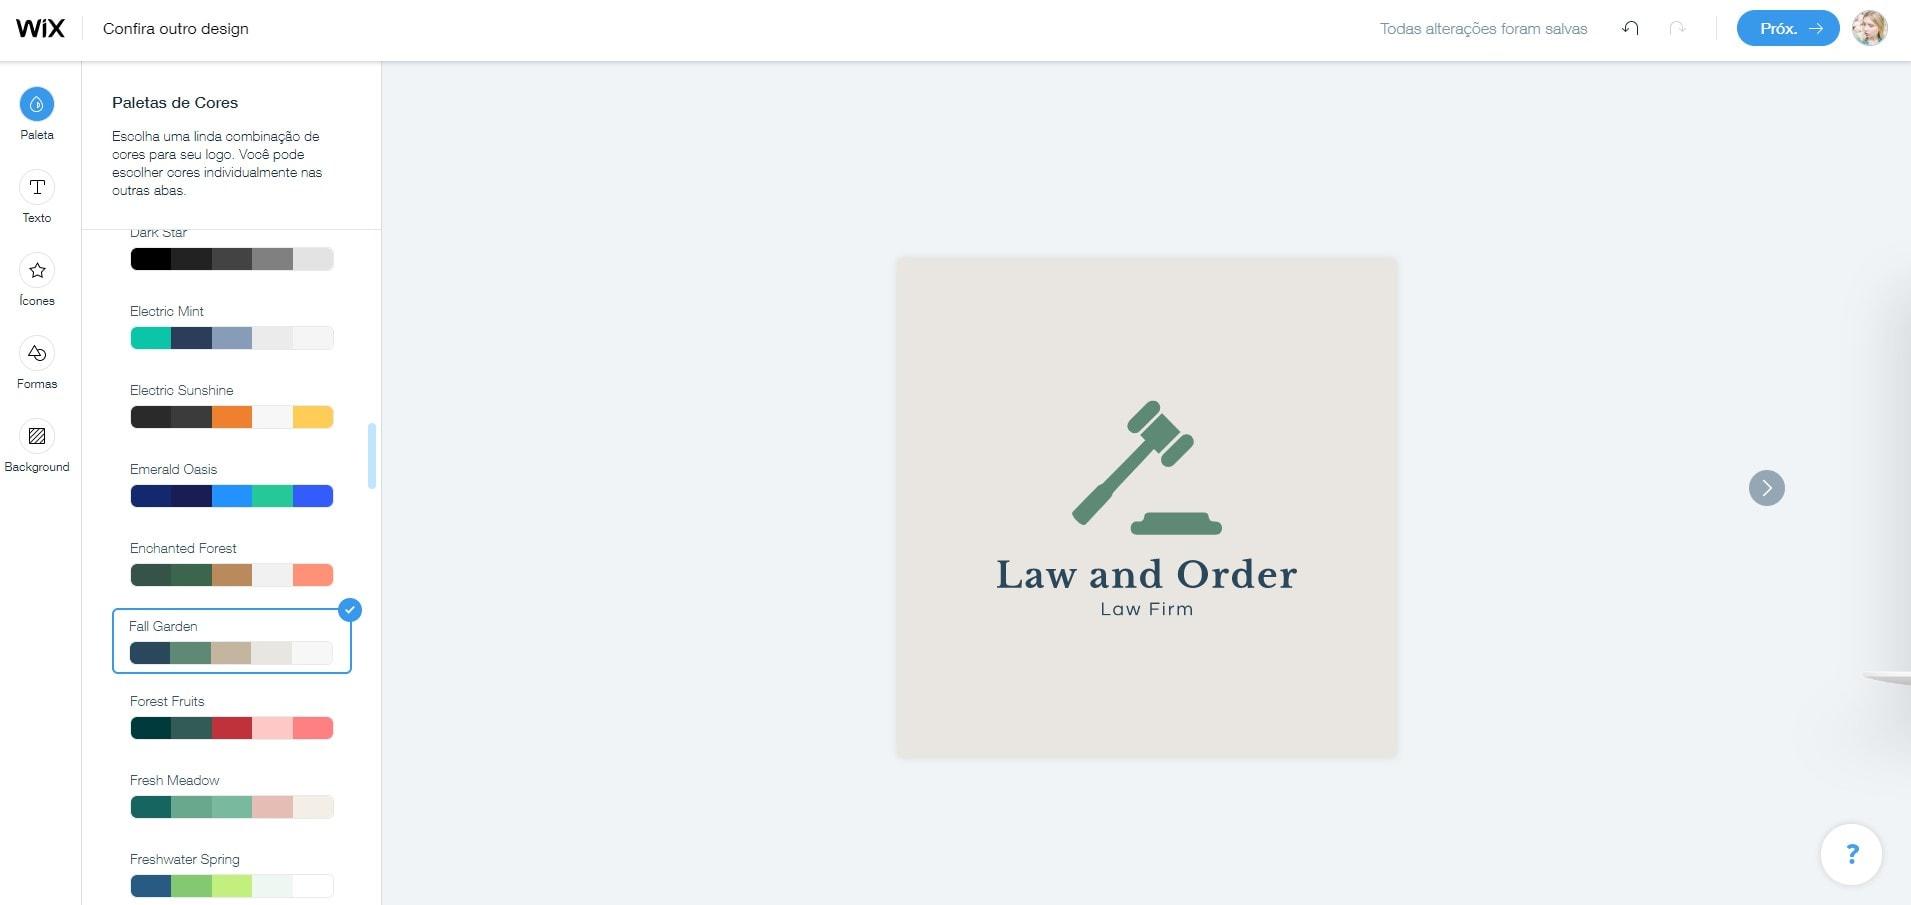 9 melhores logotipos de escritórios de advocacia e como criar seu próprio [2020]